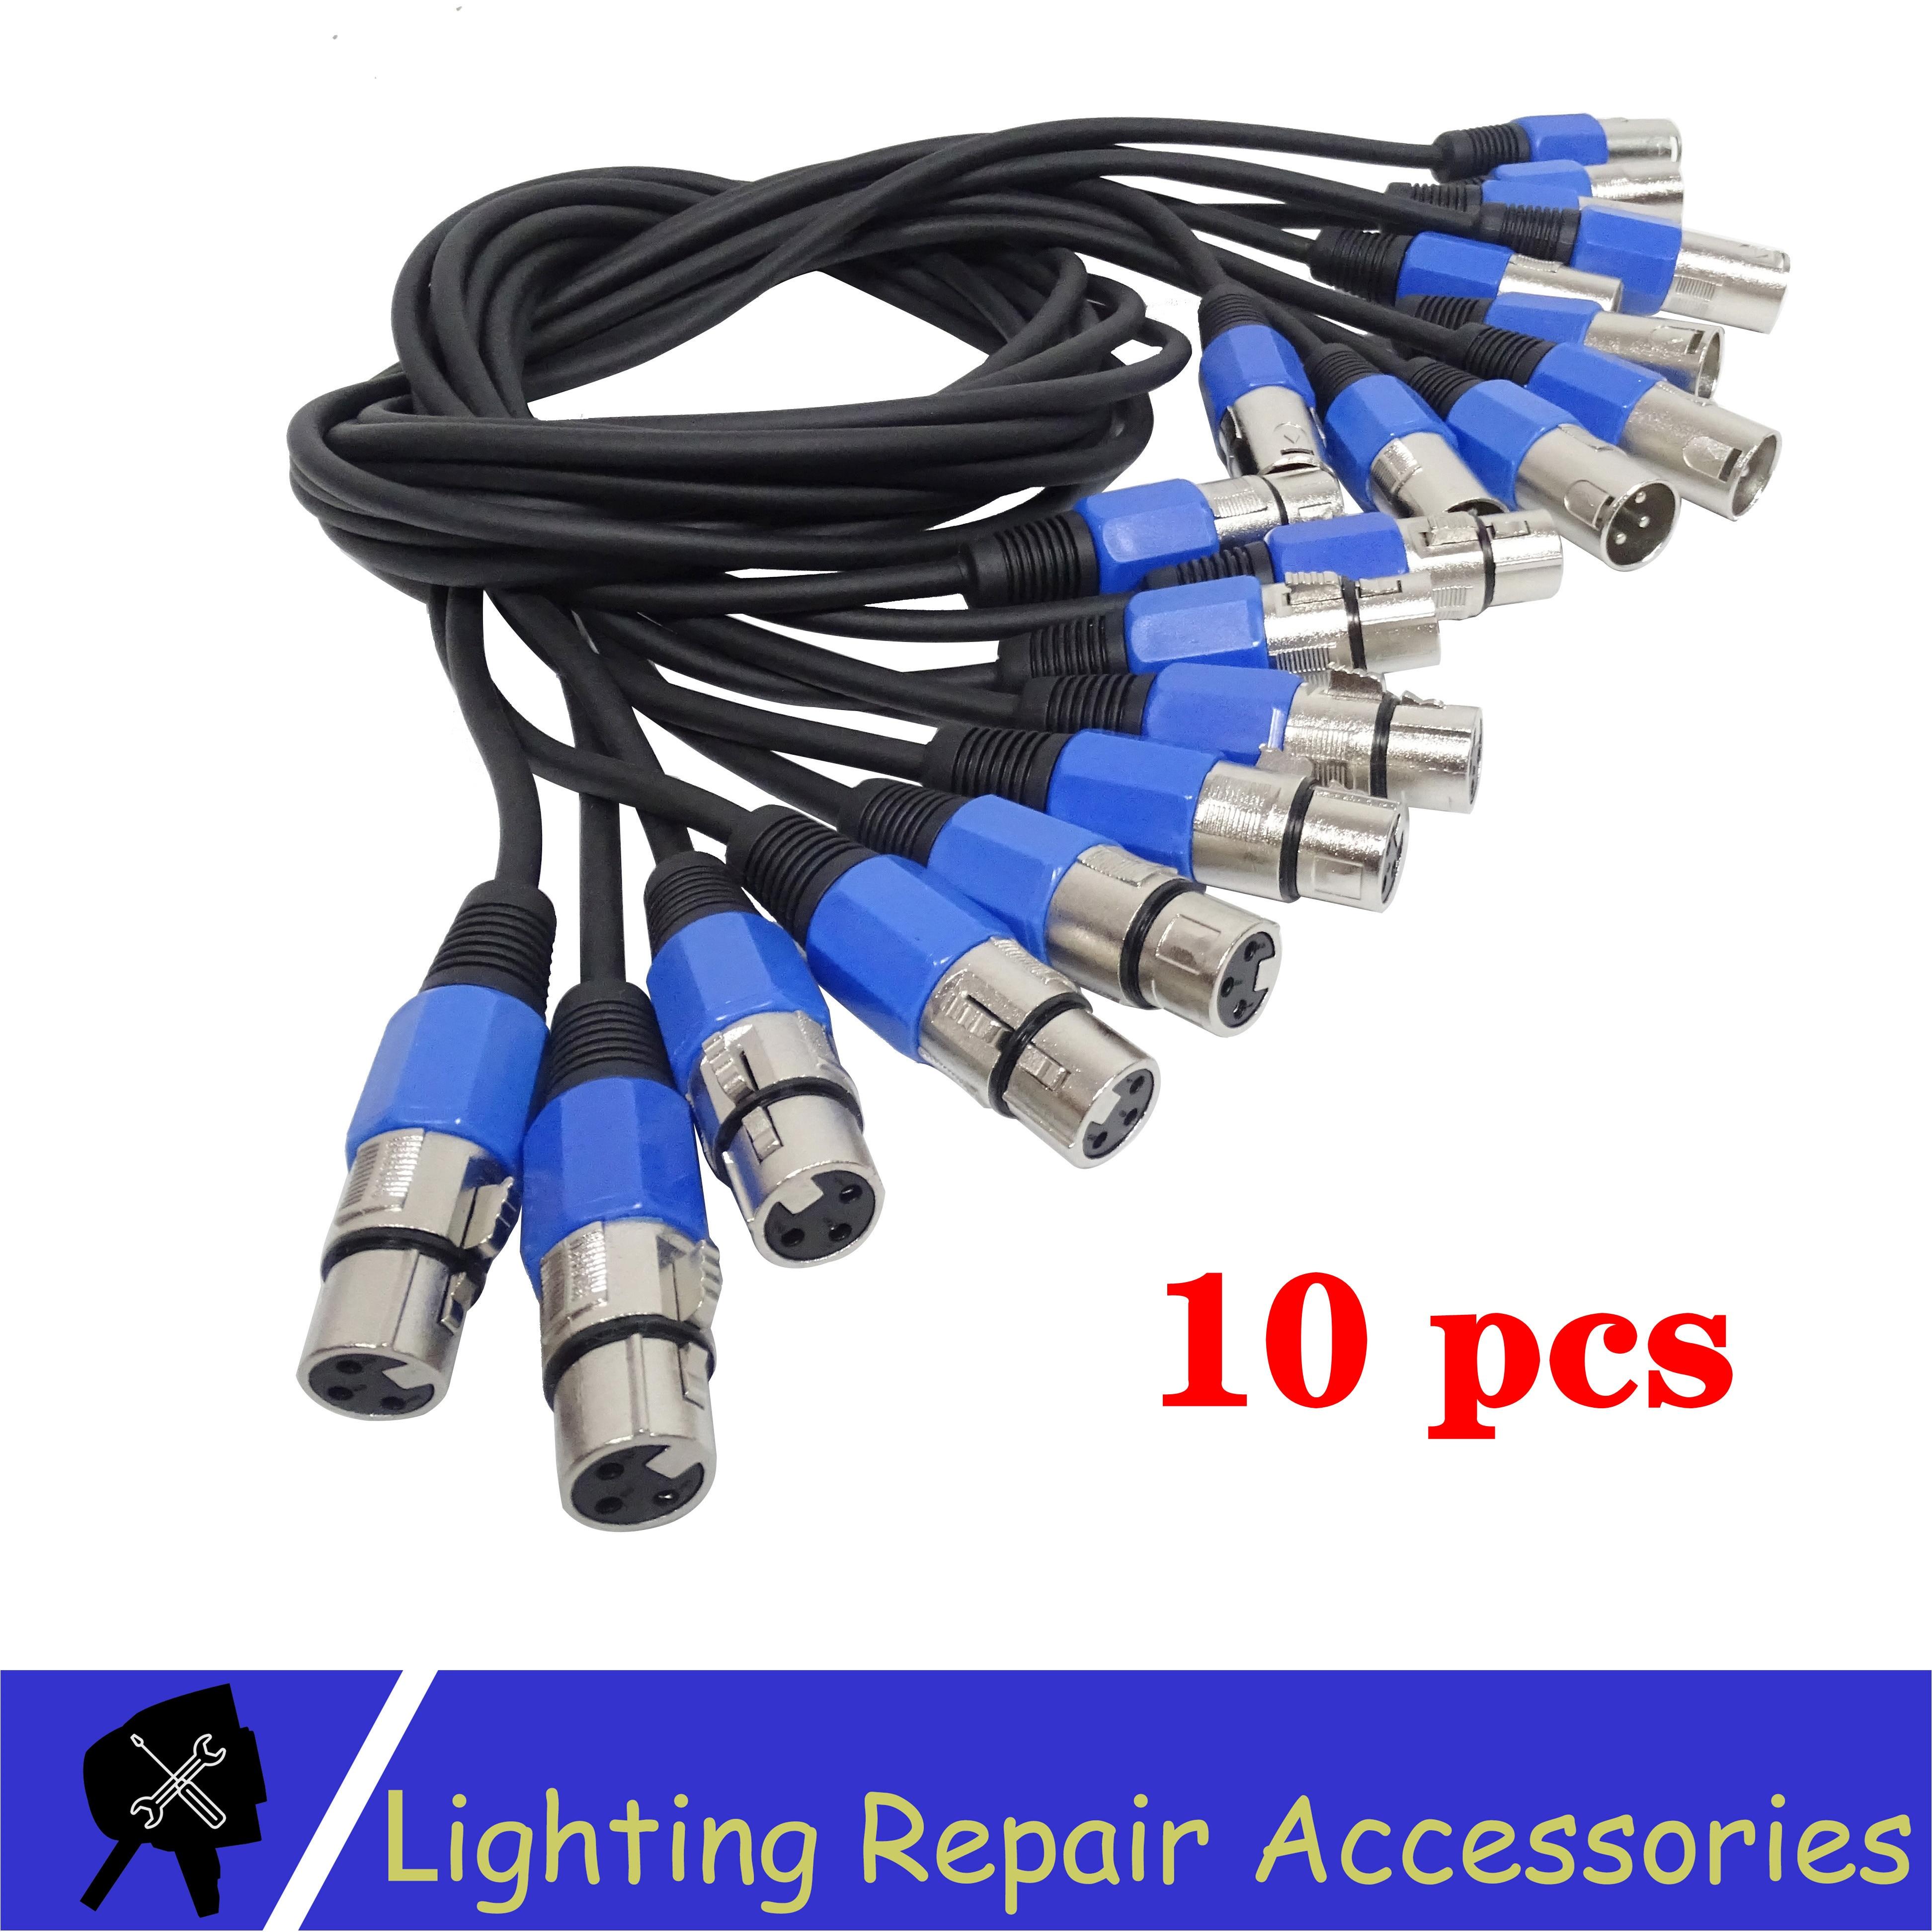 משלוח מס 10 Pcs/lots 3 פינים DMX כבל 1 M/2 M/3 M/5 M /10M Led Par אור חיבור כבל DMX אות קו משמש שלב אור